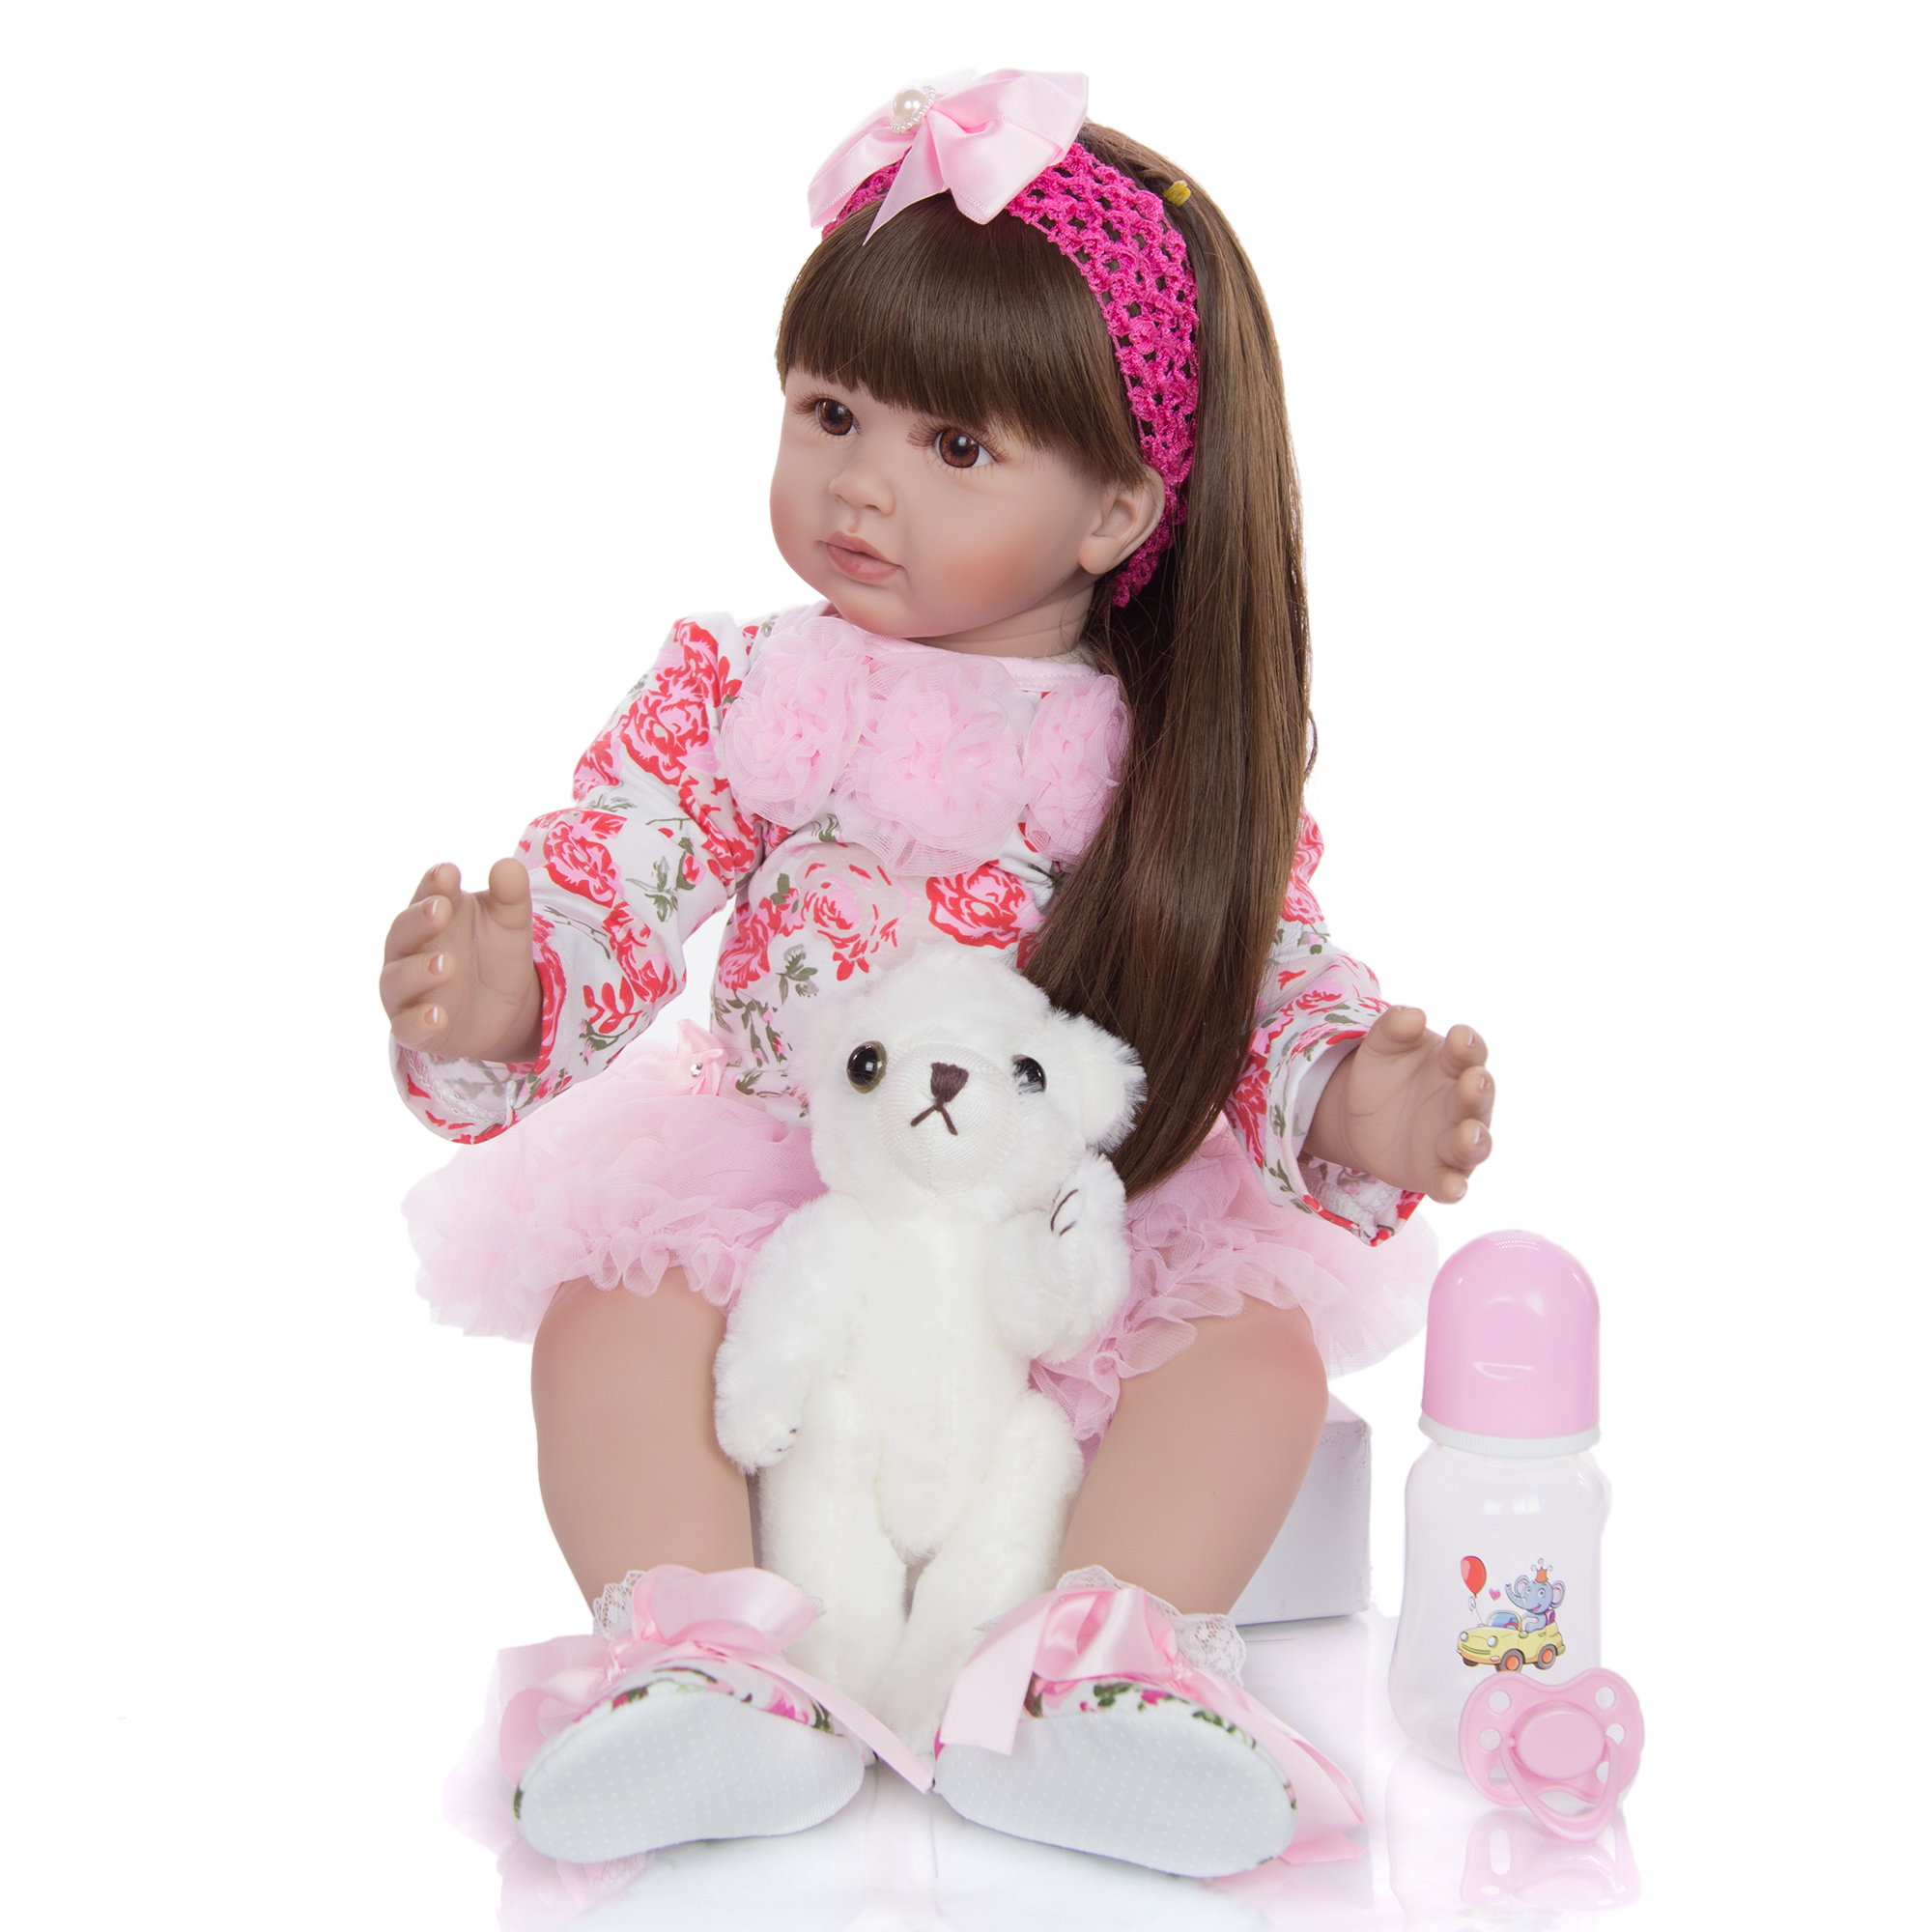 60 см тканевая виниловая Кукла Reborn, игрушки для девочек, изысканная кукла принцессы, детская игрушка для детей, подарок на день рождения, игру...